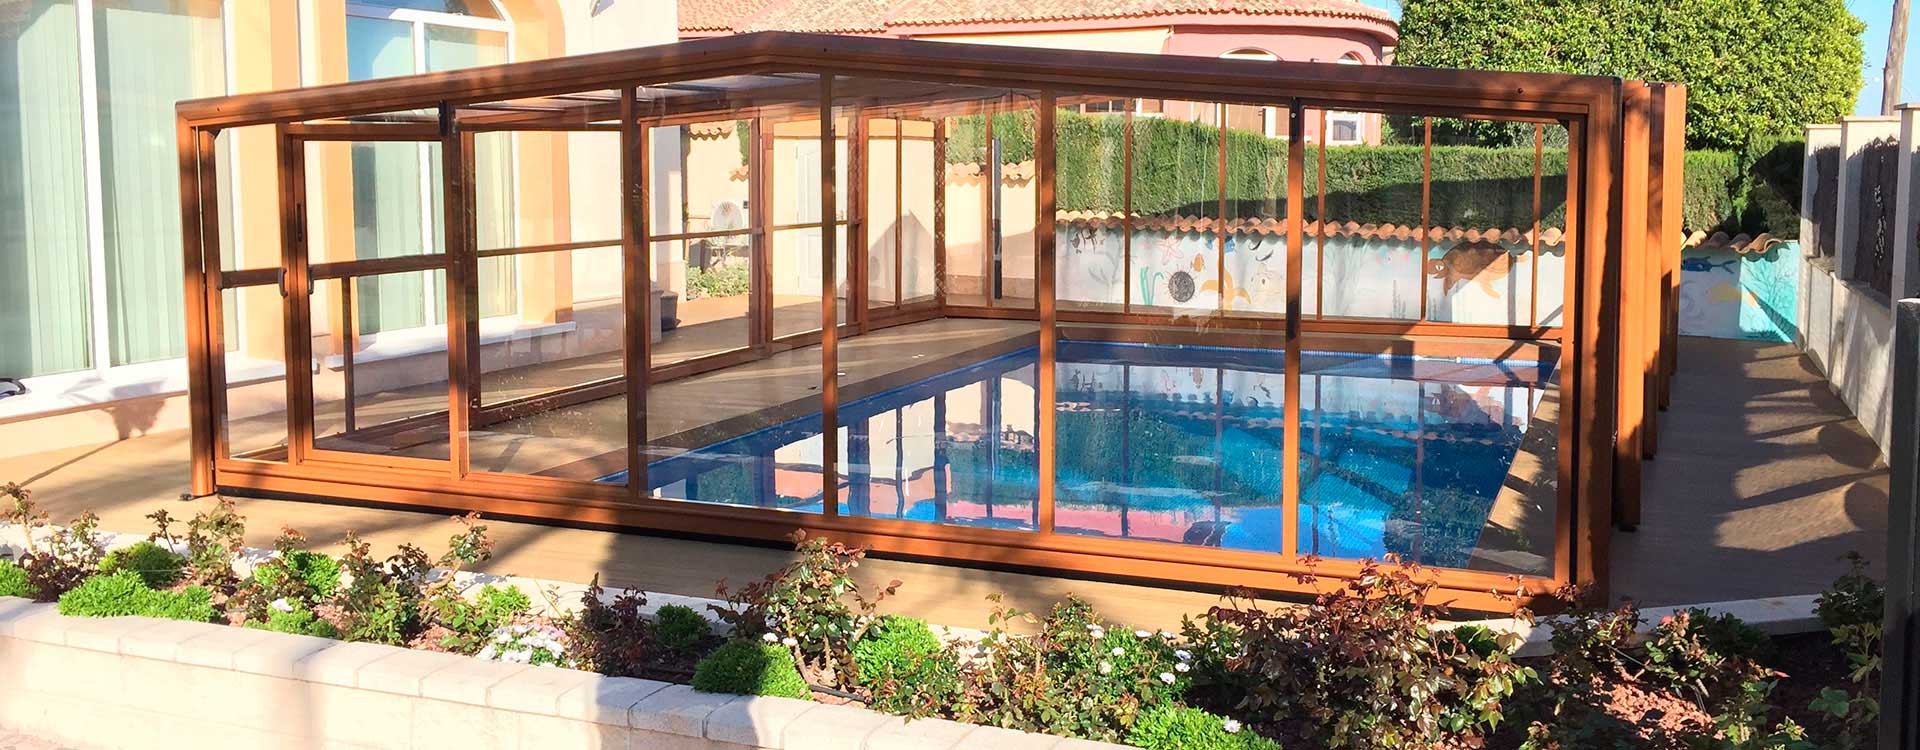 Cubiertas de piscinas y cerramientos comprar modelos del for Cubierta de piscina